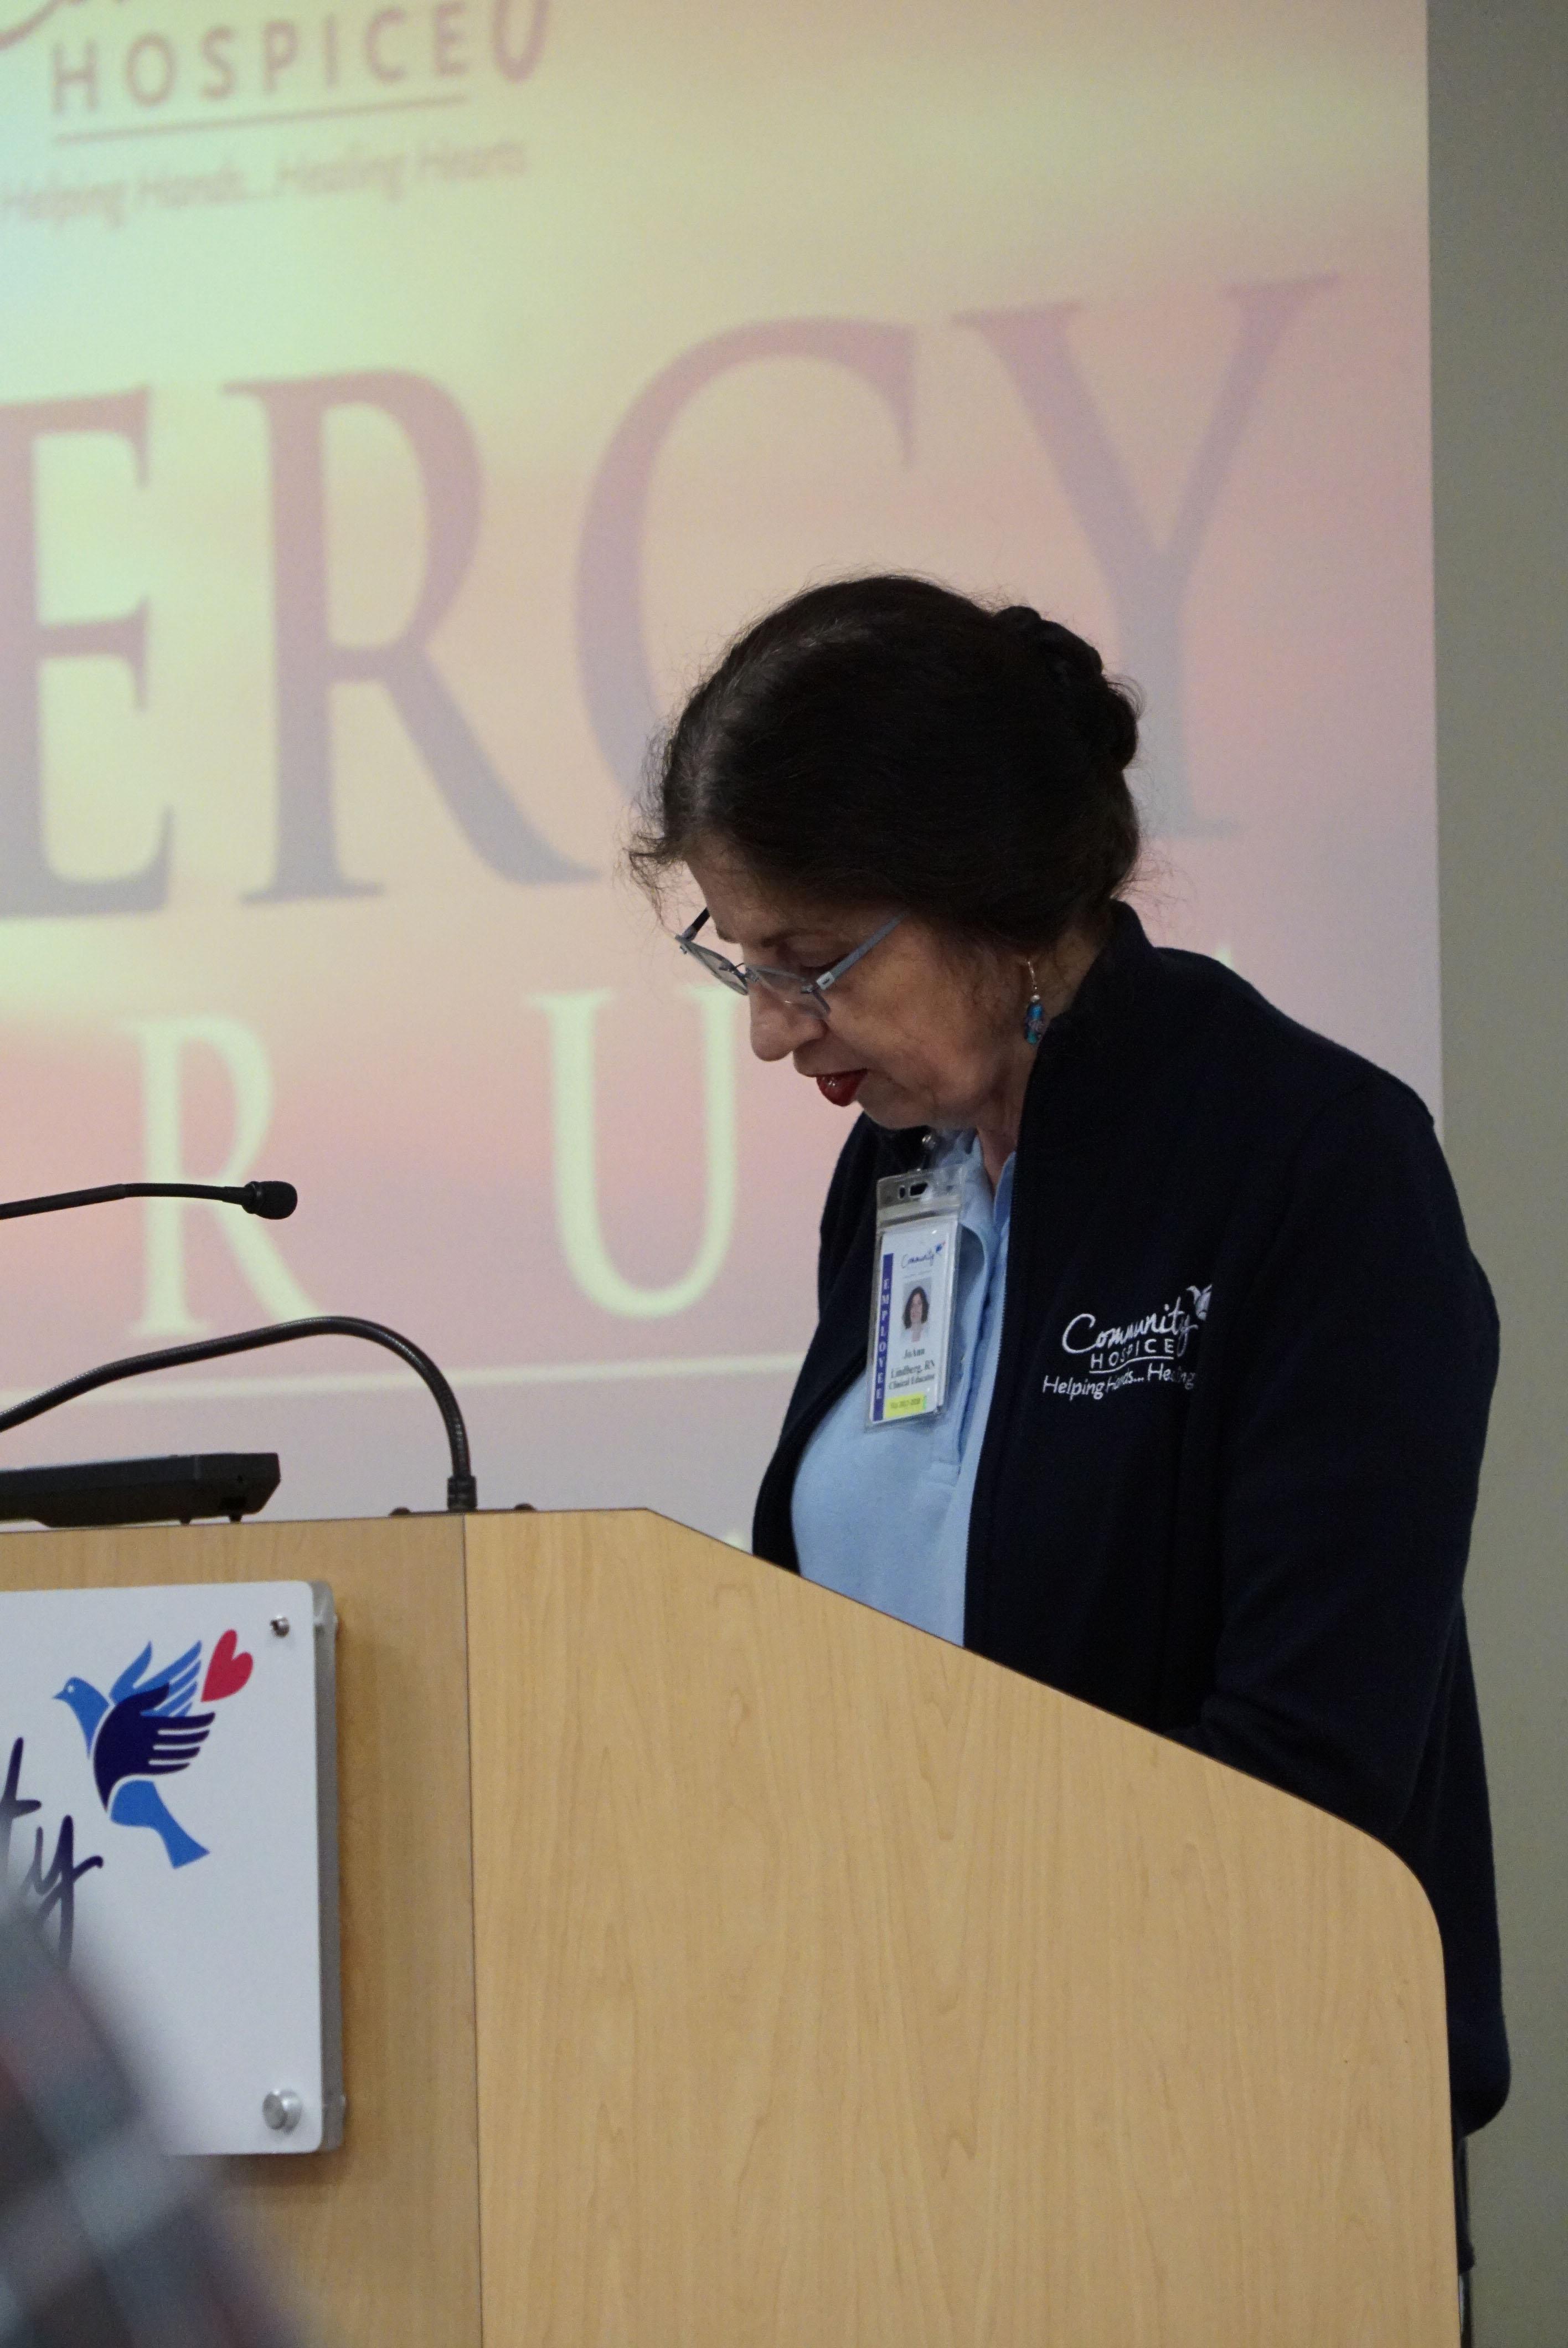 2018 Clergy Forum - Hospice Heart